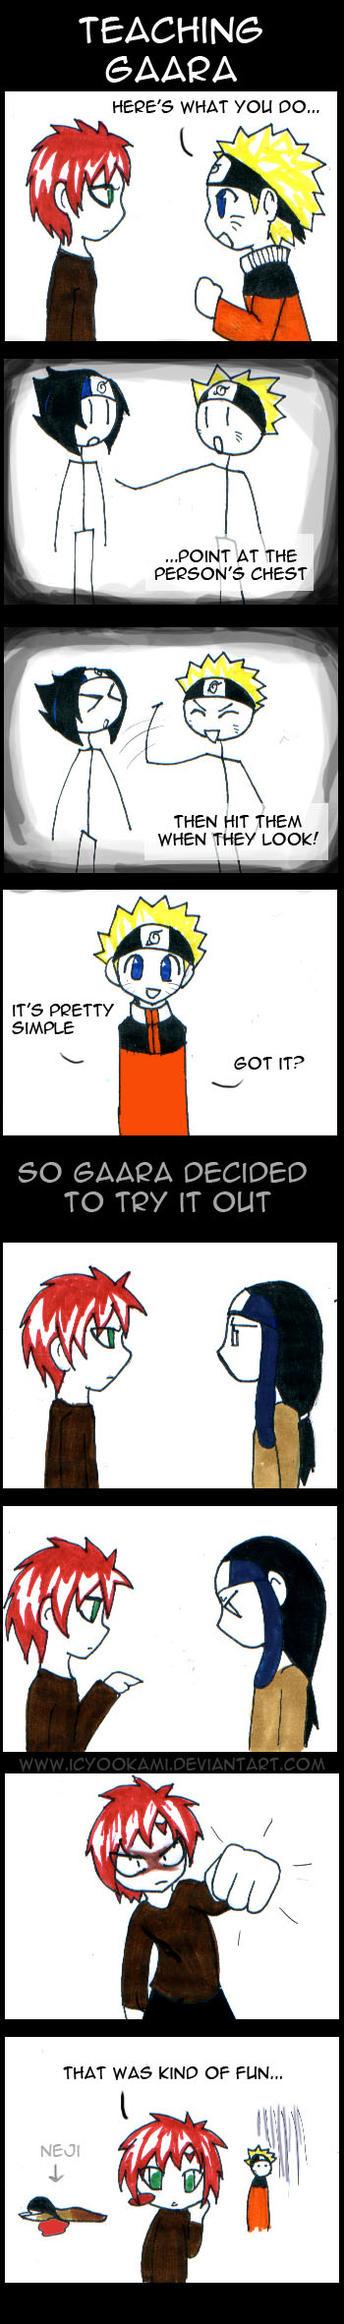 Teaching Gaara by icyookami